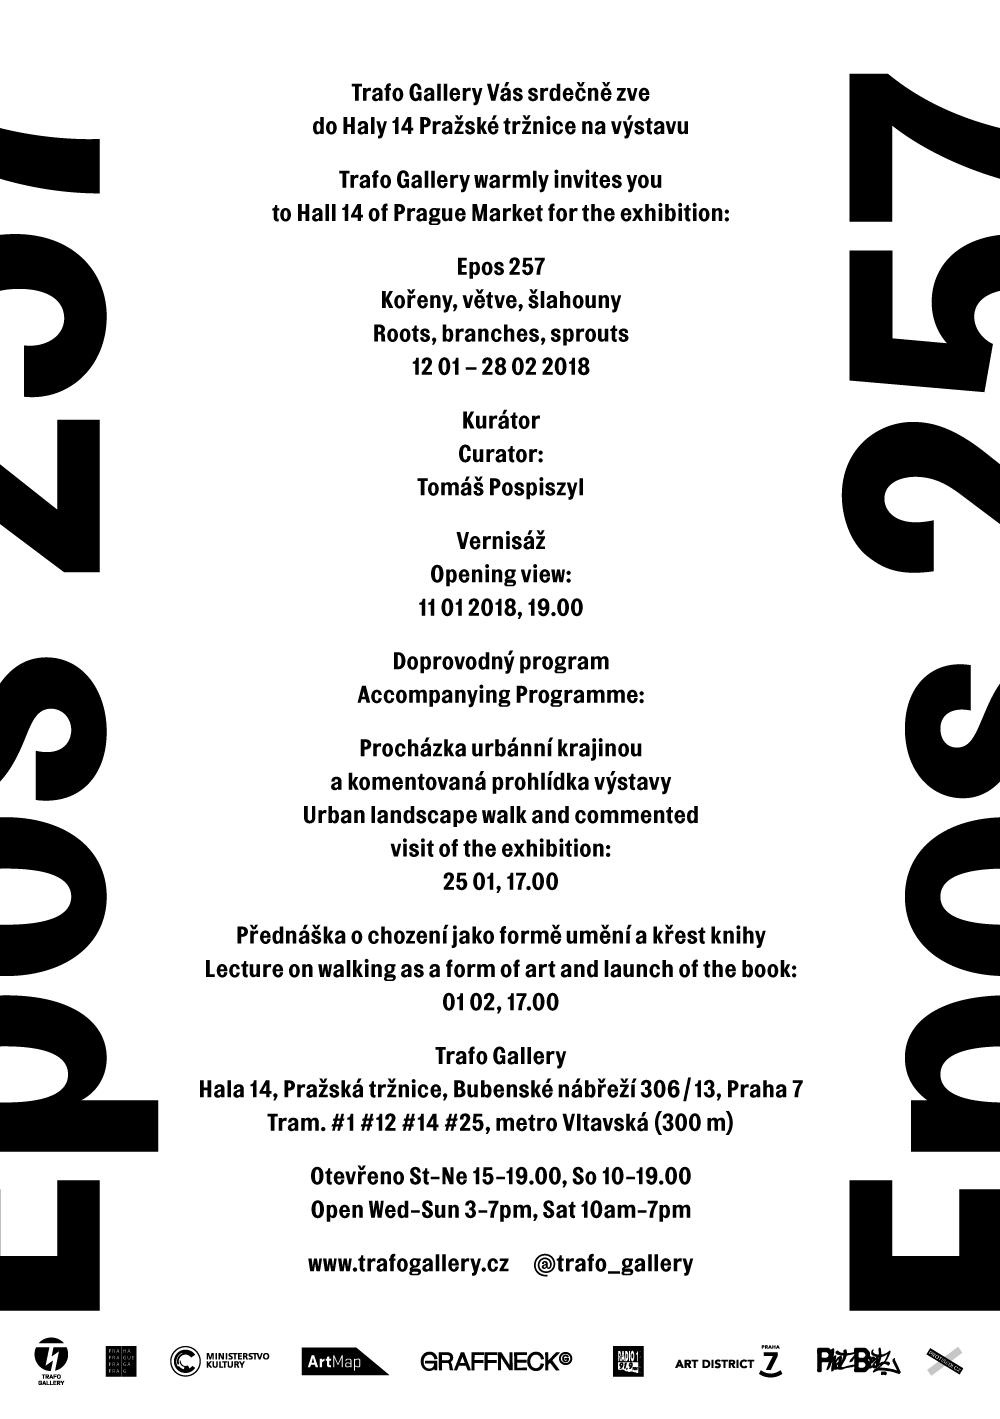 EPOS 257 - Kořeny, větve, šlahouny